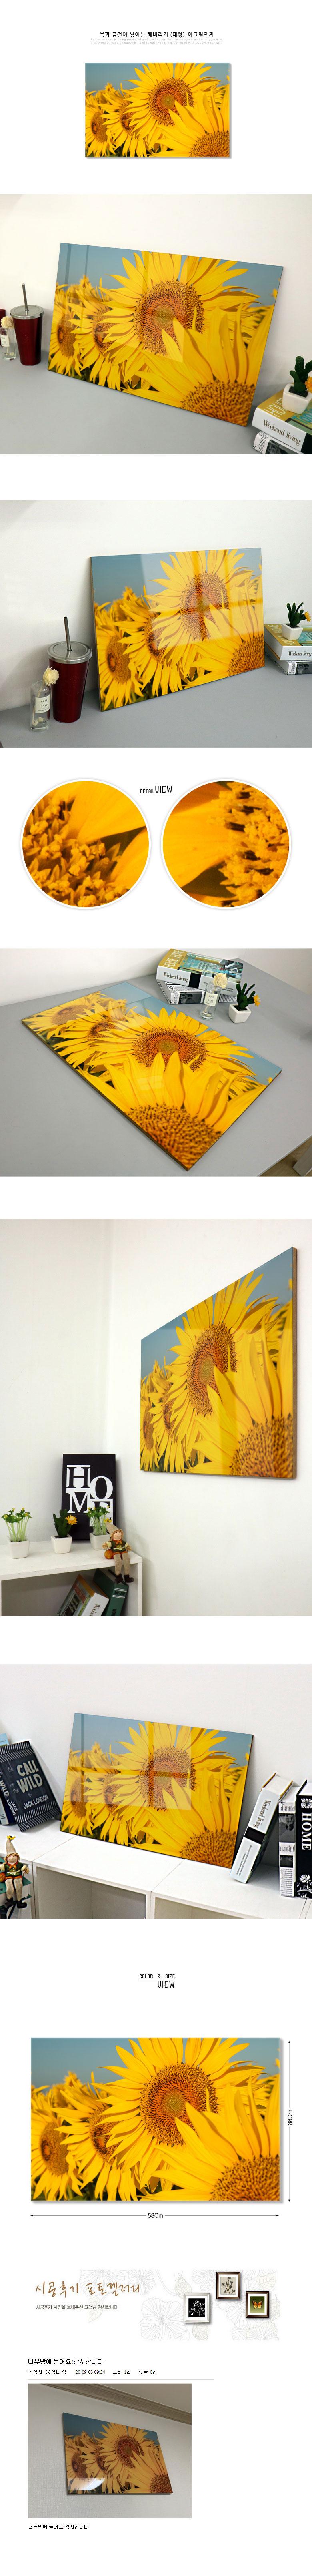 아크릴액자_복과금전이쌓이는해바라기(대형) - 꾸밈, 33,600원, 홈갤러리, 사진아트